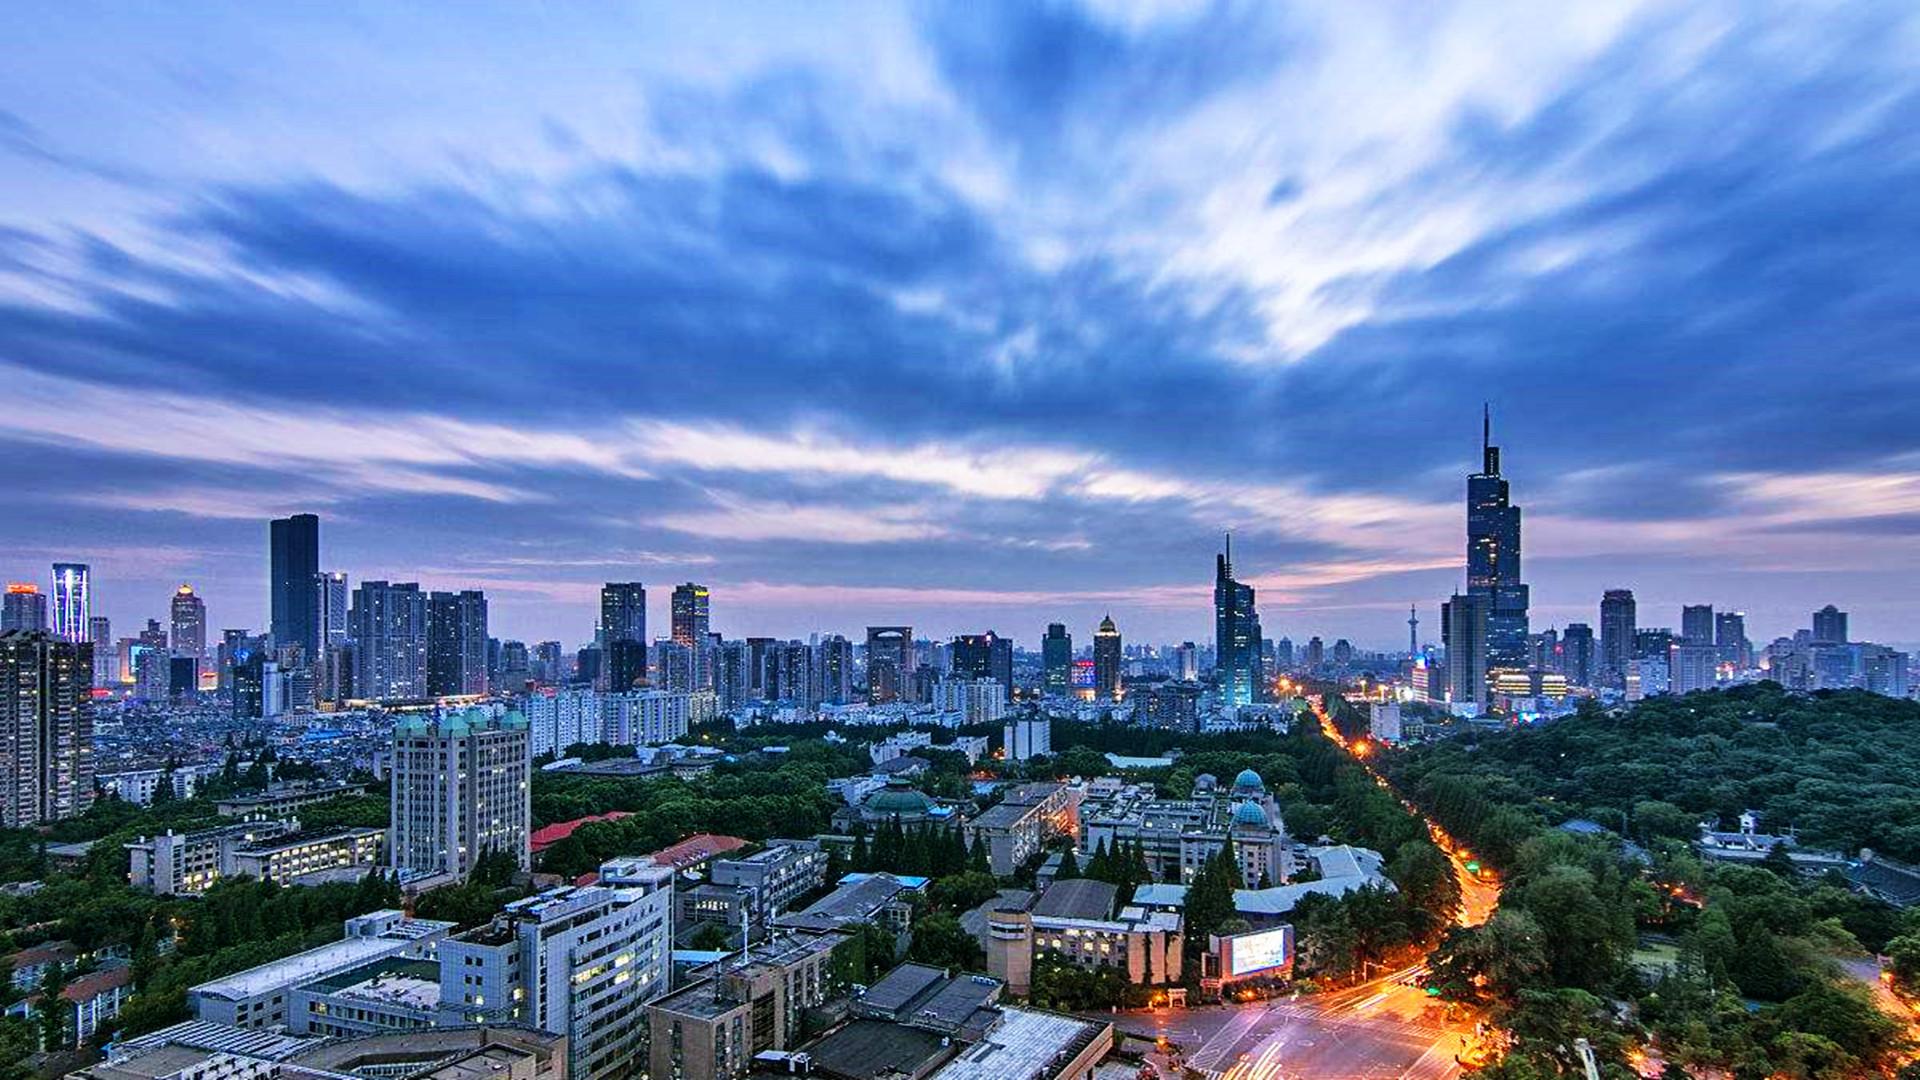 江苏唯一可以挑战南京的城市,富裕程度紧追苏州,但让常州无比尴尬